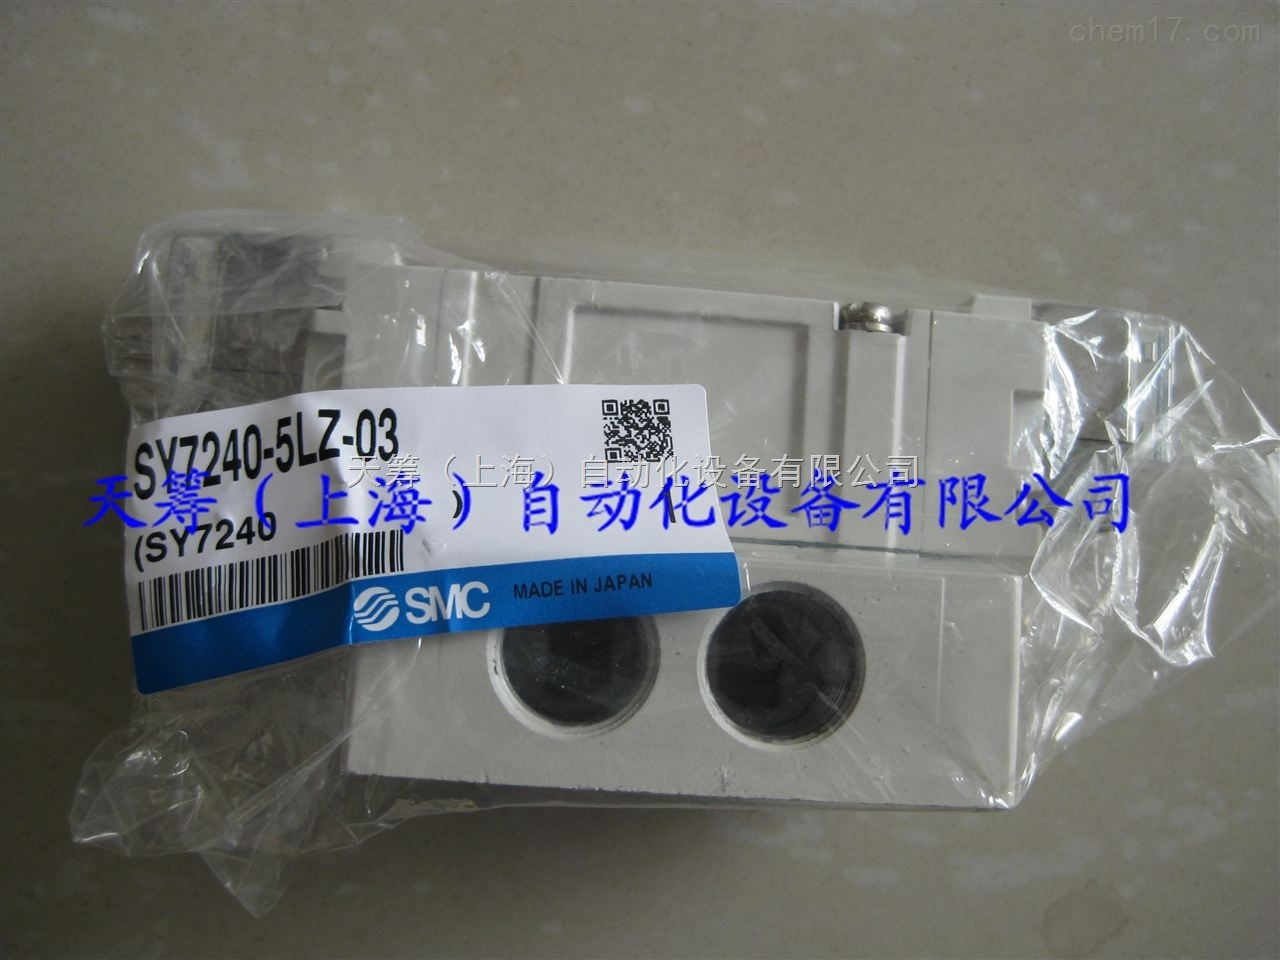 日本SMC品牌电磁阀型号SY7240-5LZ-03